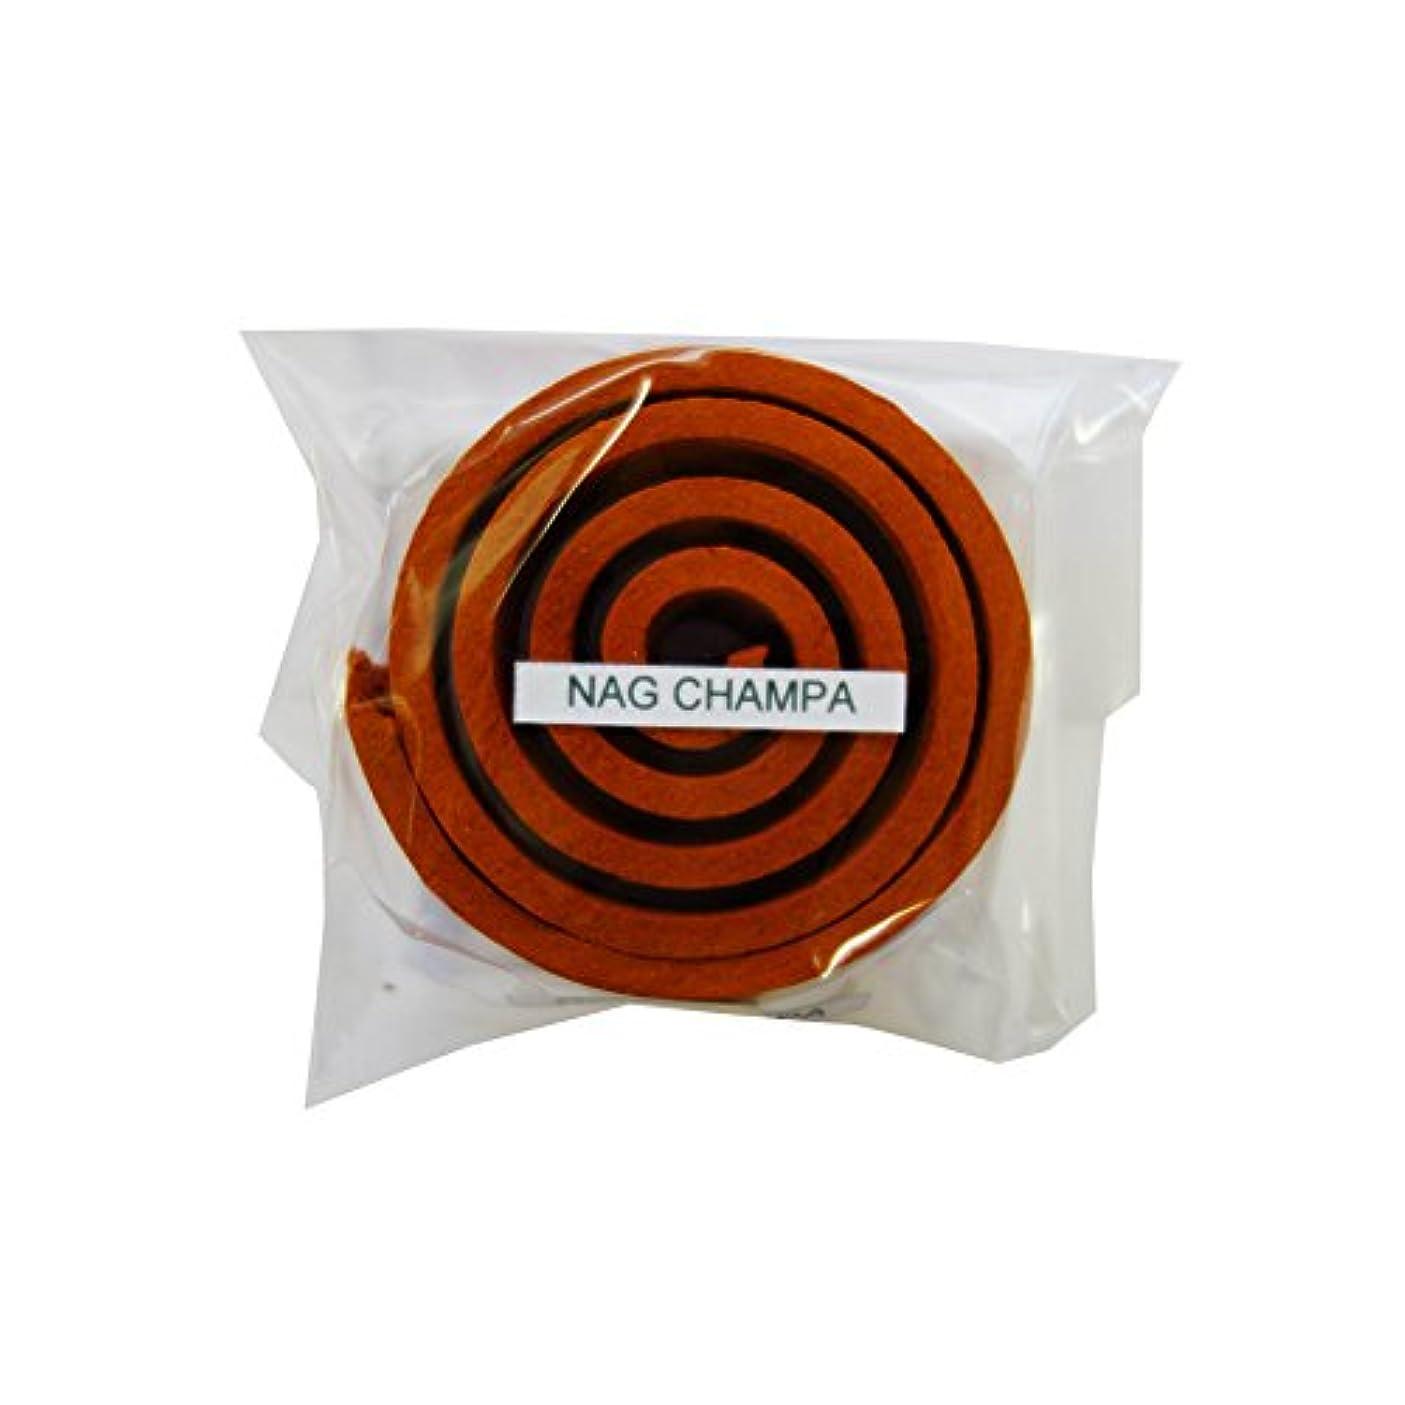 固体大胆出撃者お香/うずまき香 Nag Champa ナグチャンパ 直径5cm×5巻セット [並行輸入品]